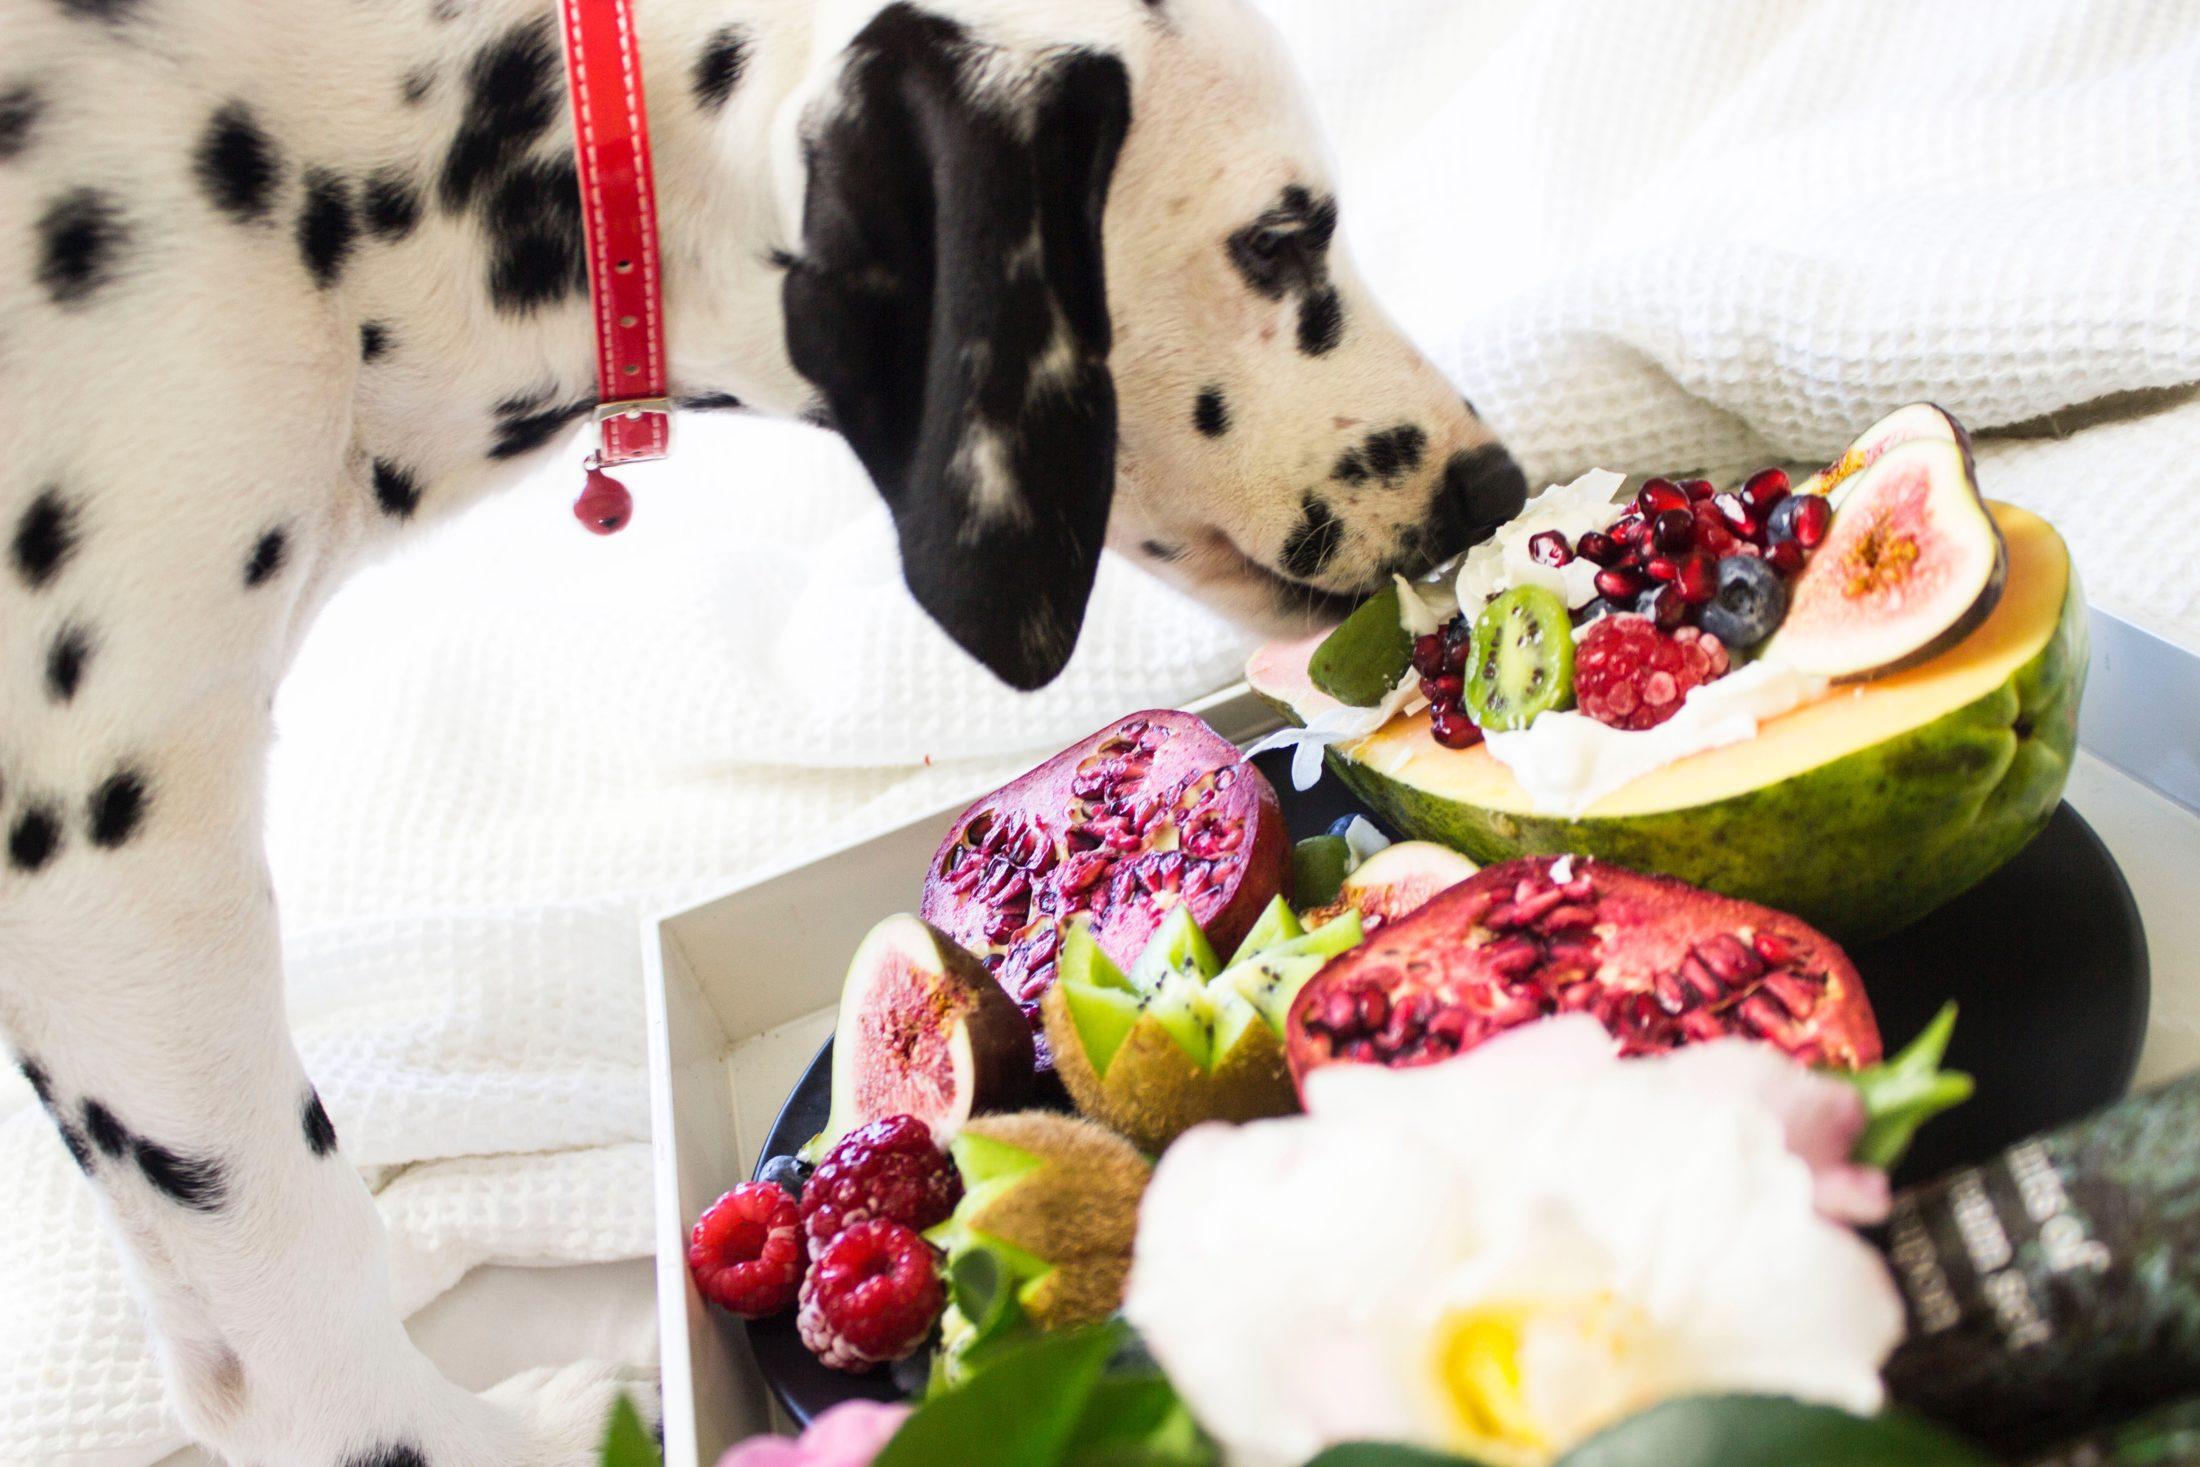 dieta alimentar: dálmata comendo vegetais